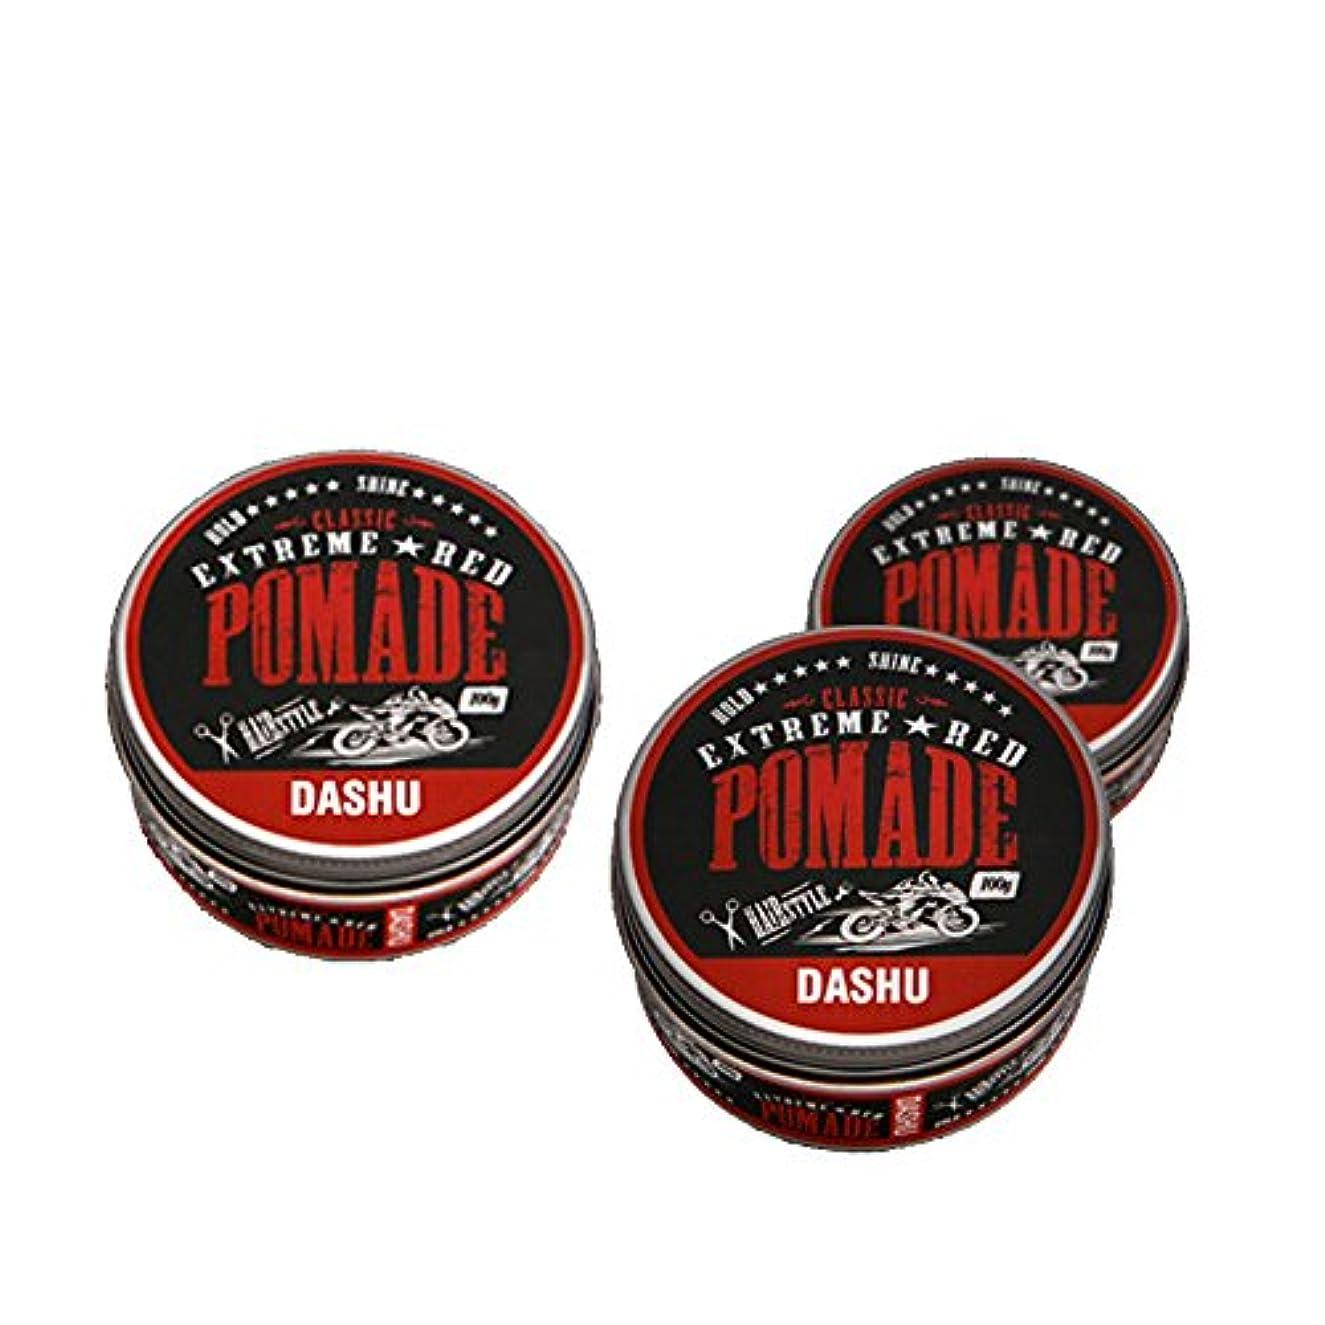 疑問に思う浮くの間に(3個セット) x [DASHU] ダシュ クラシックエクストリームレッドポマード Classic Extreme Red Pomade Hair Wax 100ml / 韓国製 . 韓国直送品